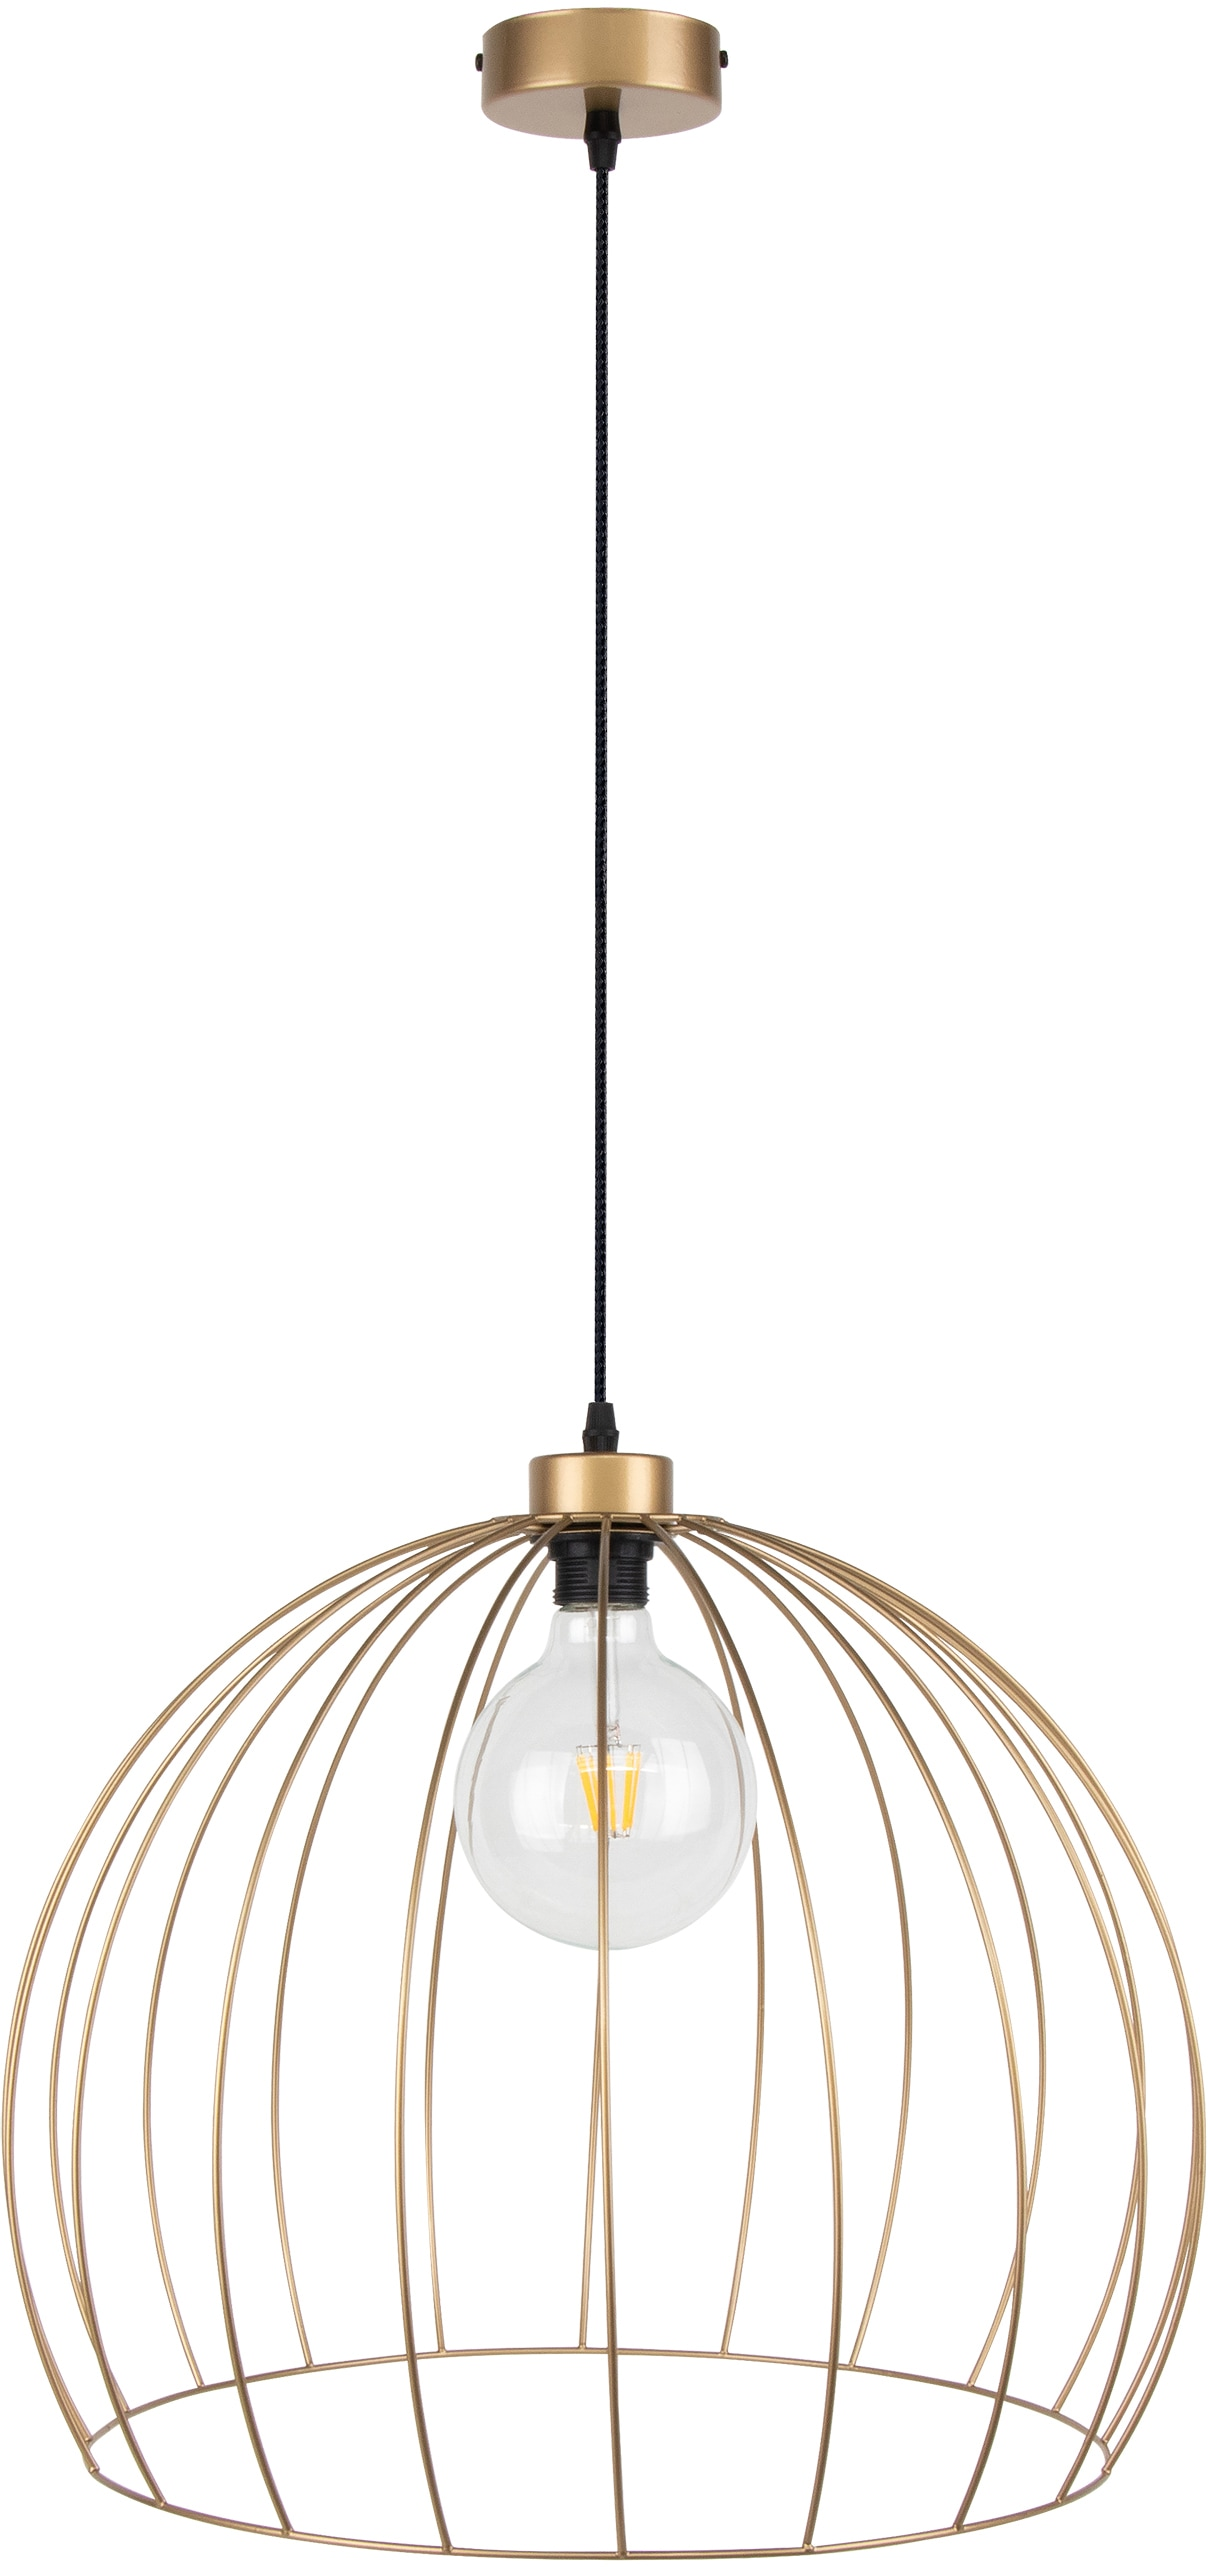 BRITOP LIGHTING Hängeleuchte Coop, E27, 1 St., Dekorative Leuchte aus Metall, passende LM E27 / exklusive, Made in Europe